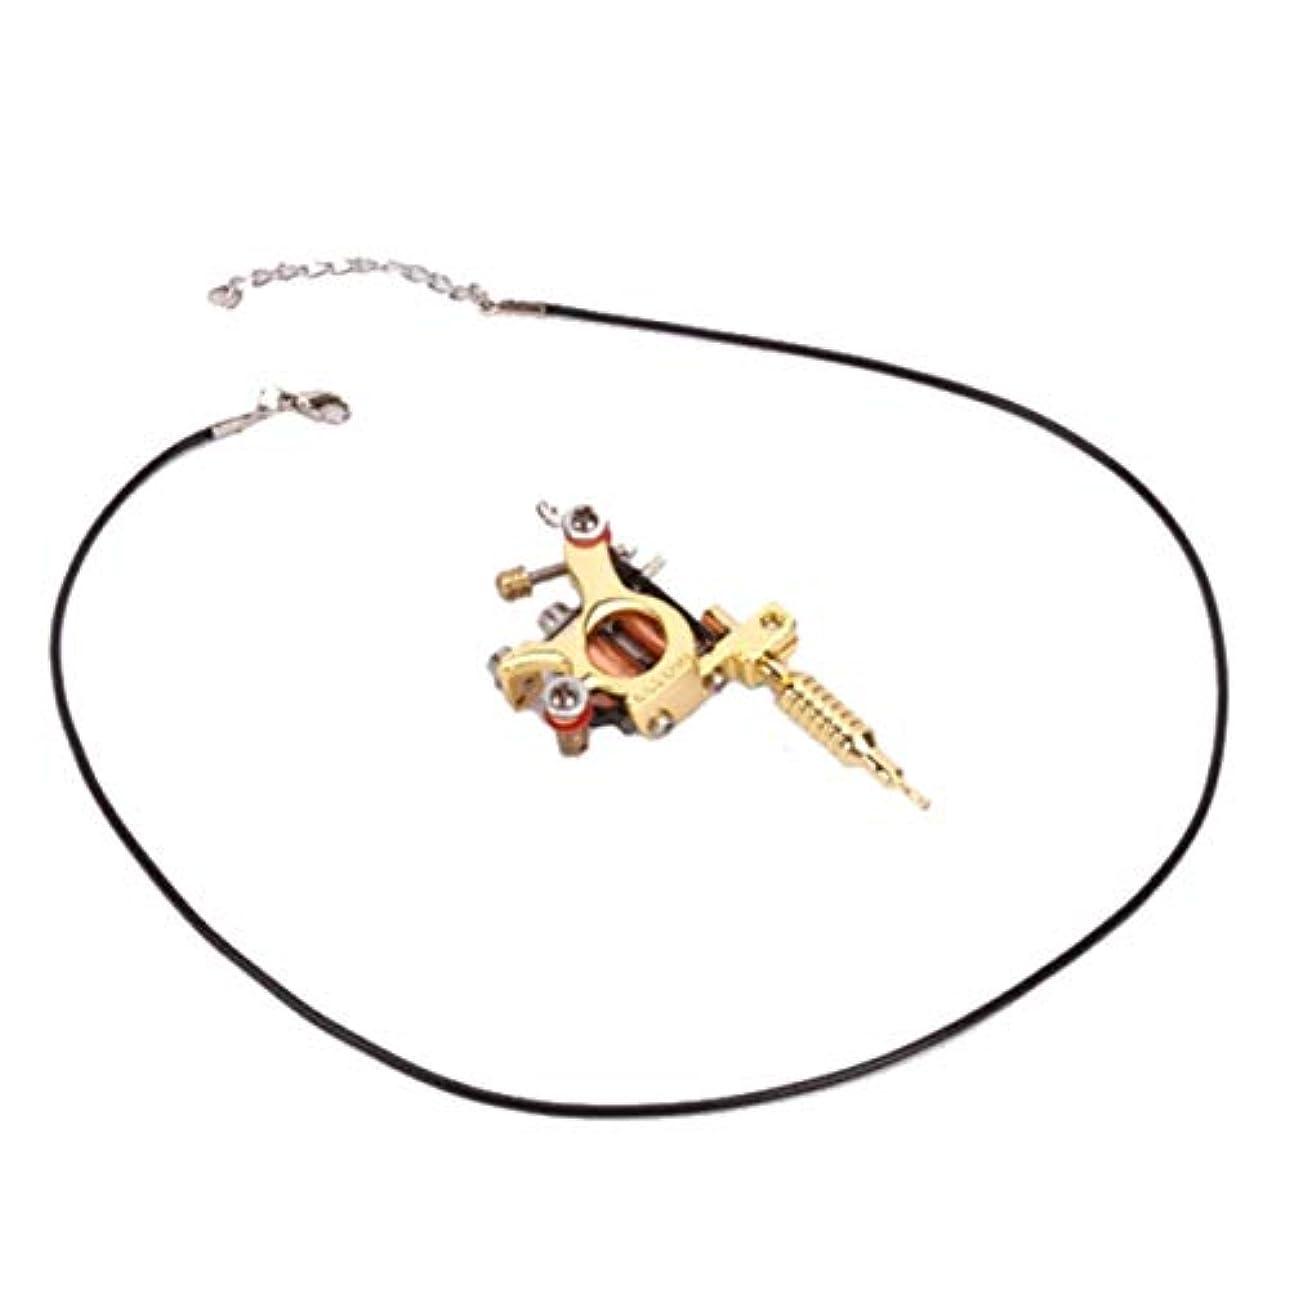 特性ラジウム話鋳造技術ユニセックスゴールデン&シルバー8ワープコイルGs100ファッションミニガンタトゥーマシンペンダントおもちゃ-ゴールド